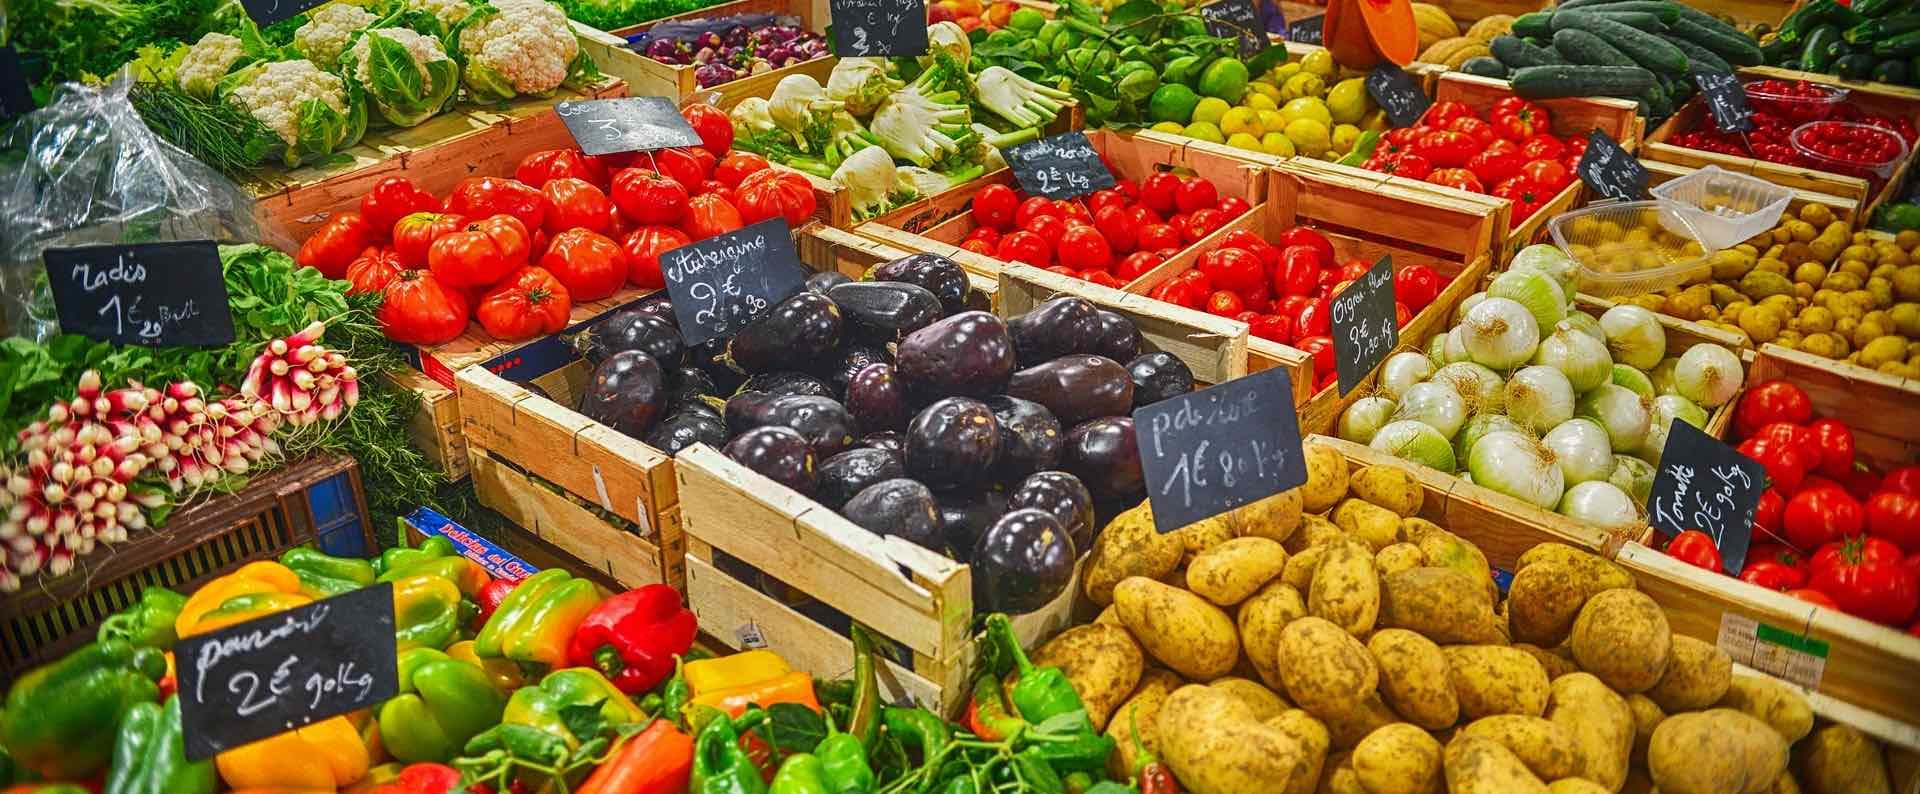 大腦退化剋星!美研究證實:多吃這1類食物可逆轉記憶力衰退